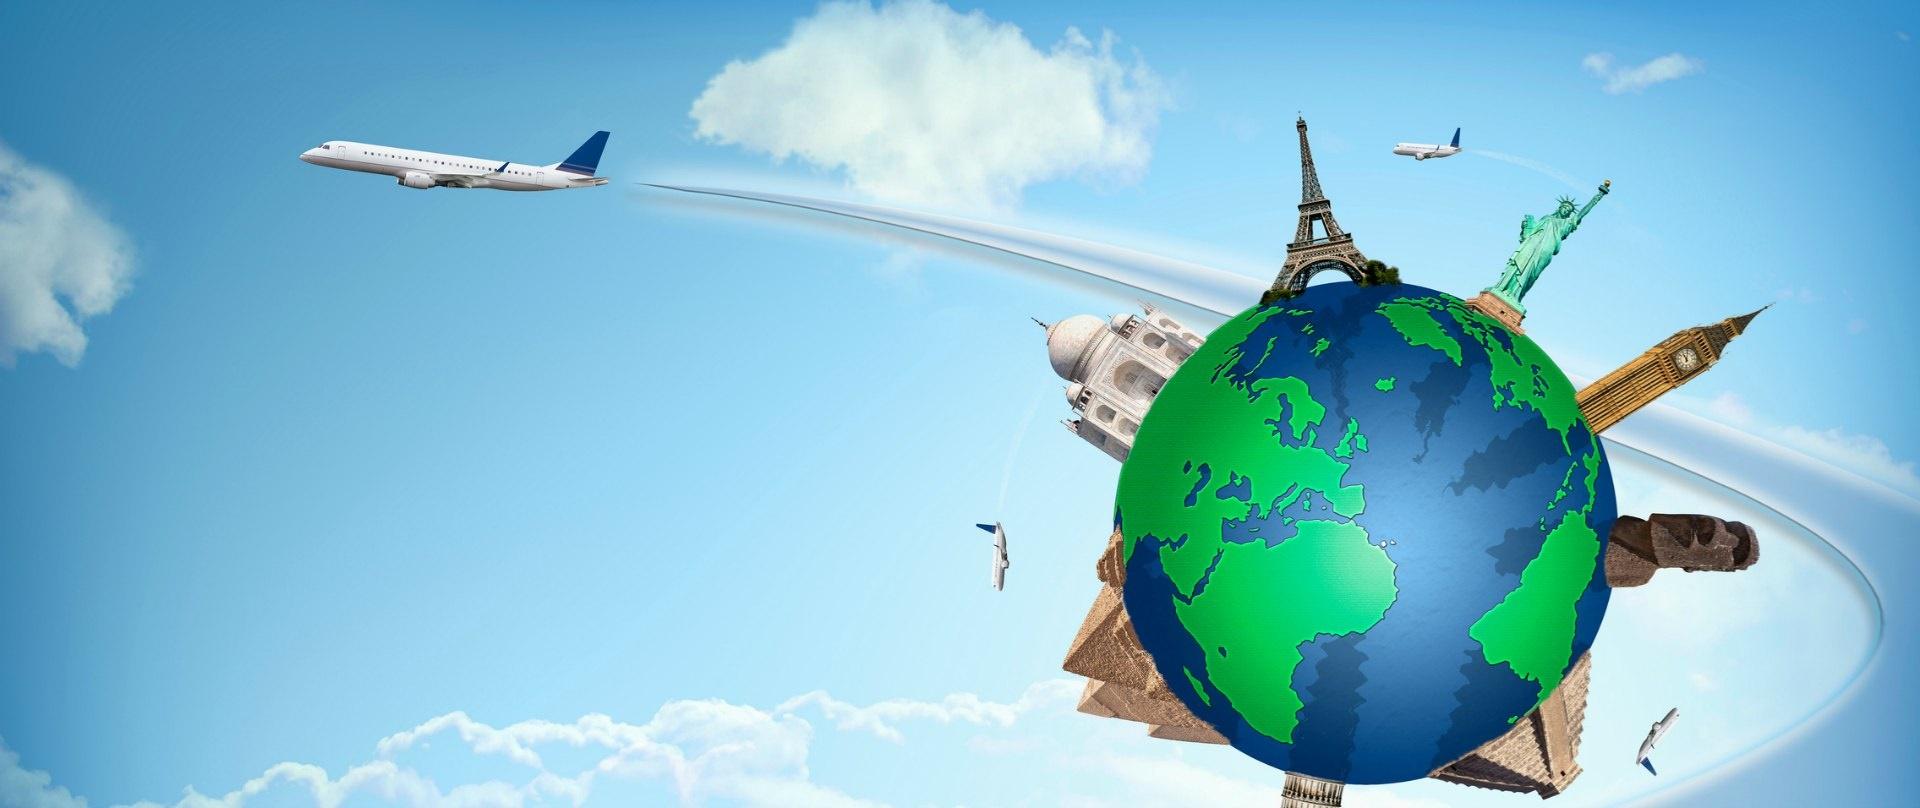 آشنایی با توصیه های ایمنی برای سفر به خارج